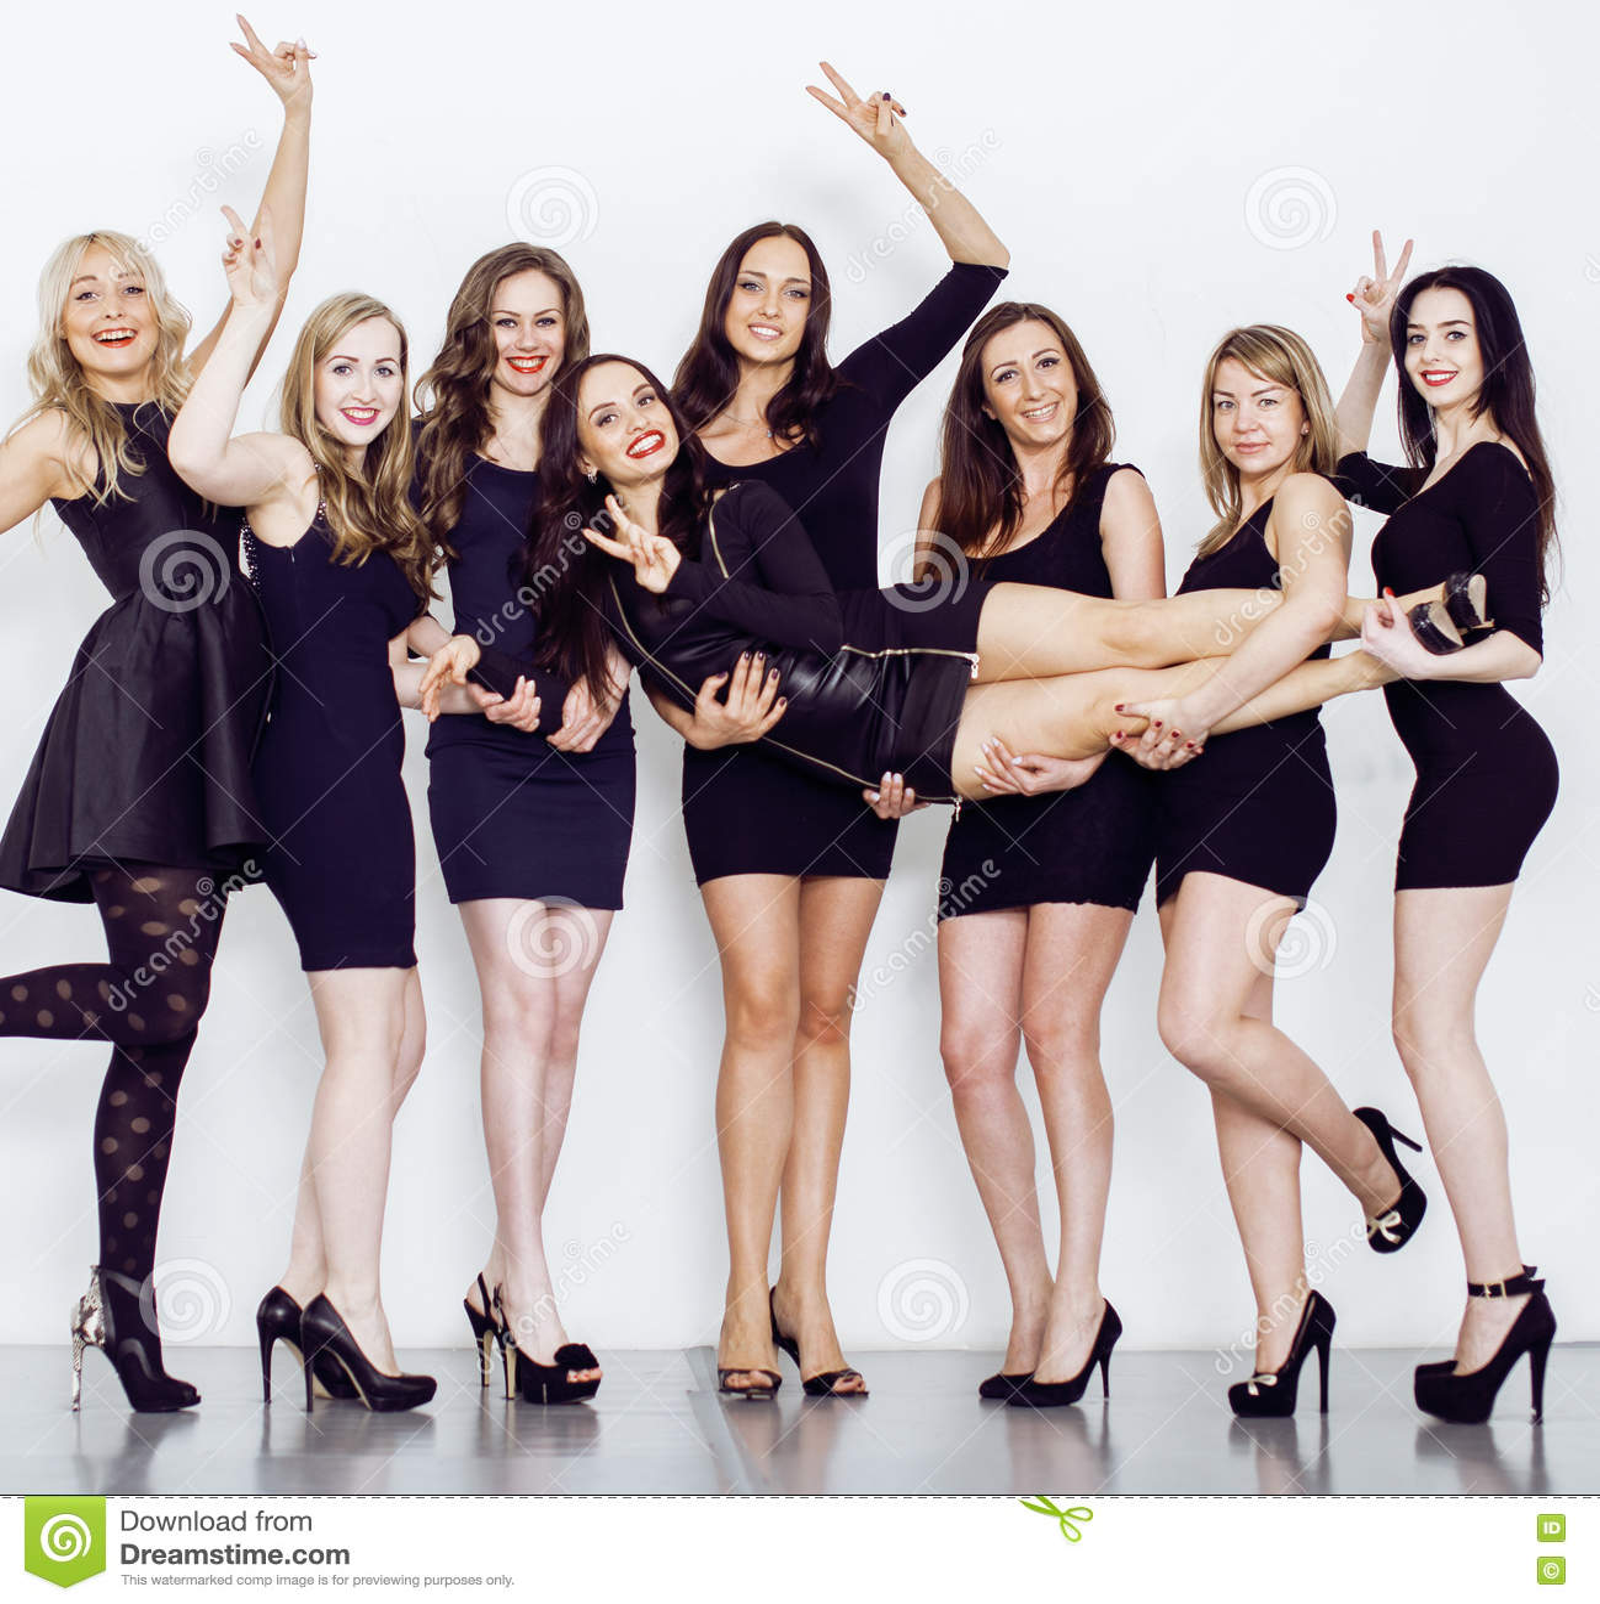 Mujeres fotos muchas foto de chicas desnuda 57